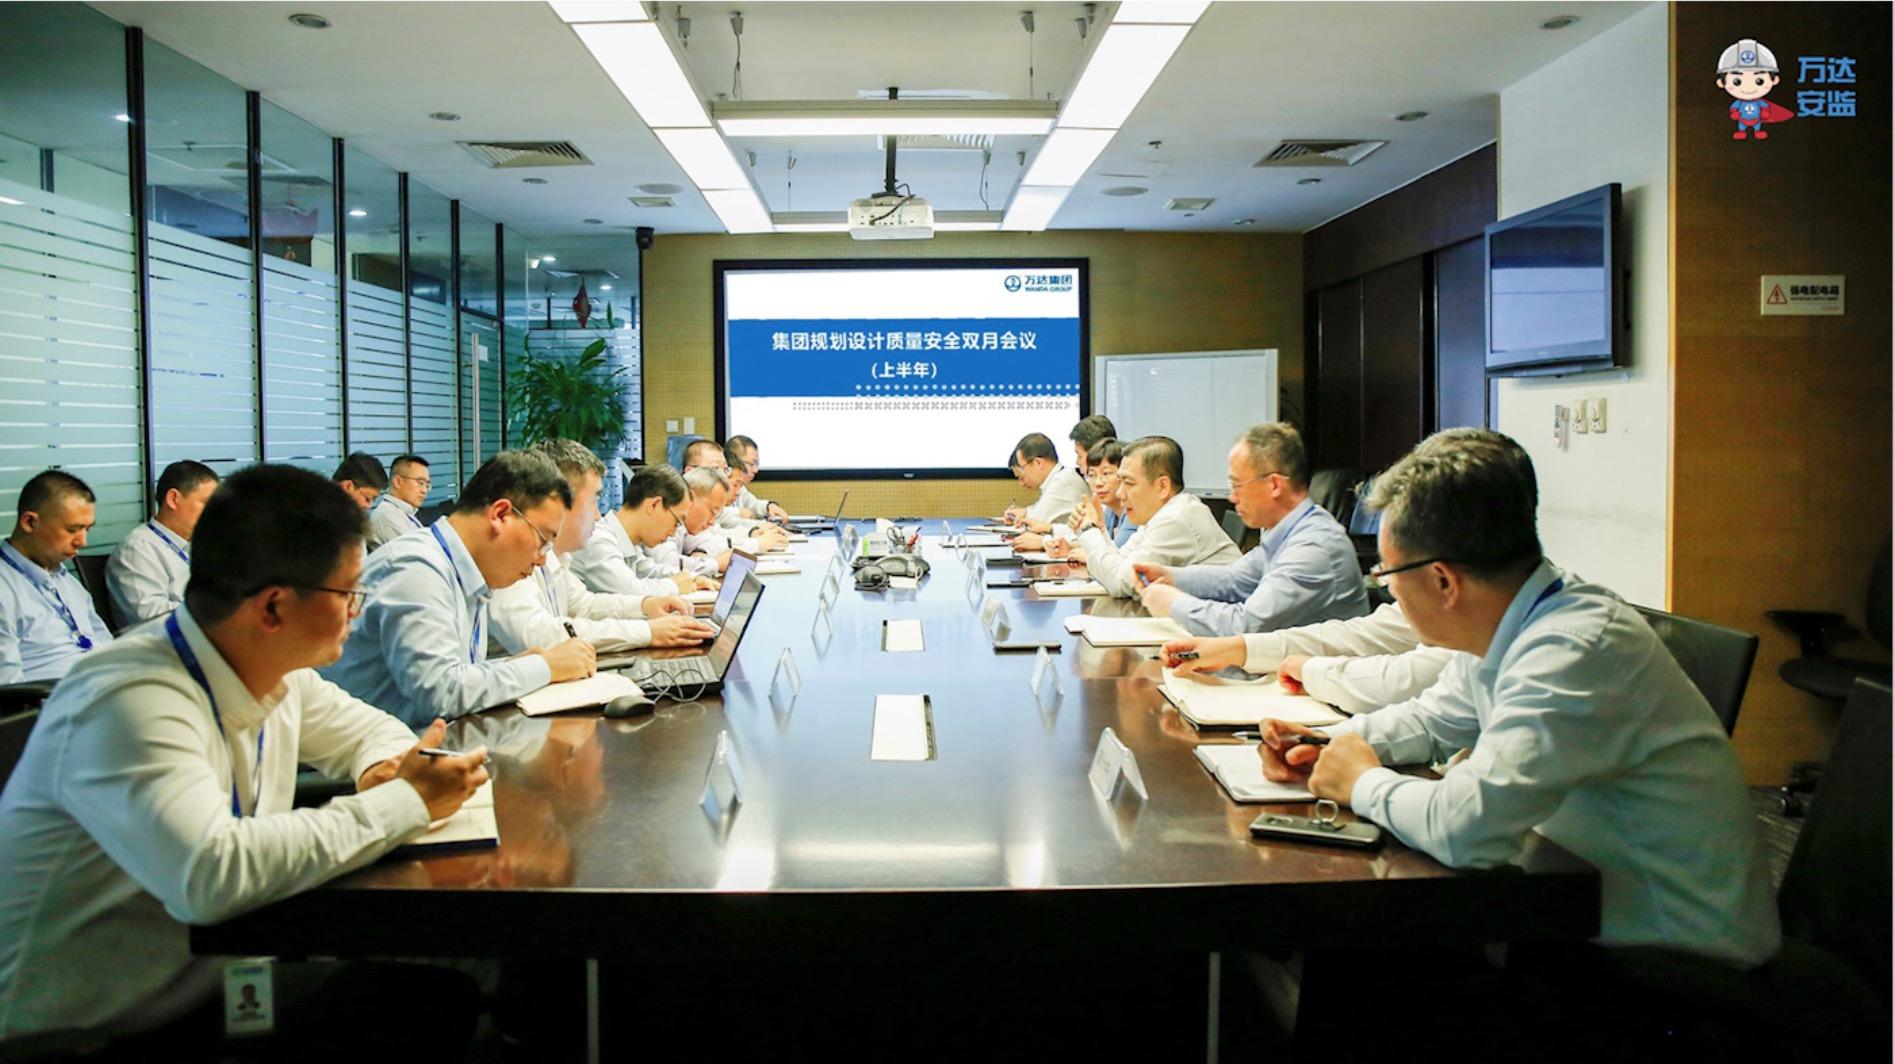 优德w88app官方登录集团召开2019规划设计质量安全半年总结会